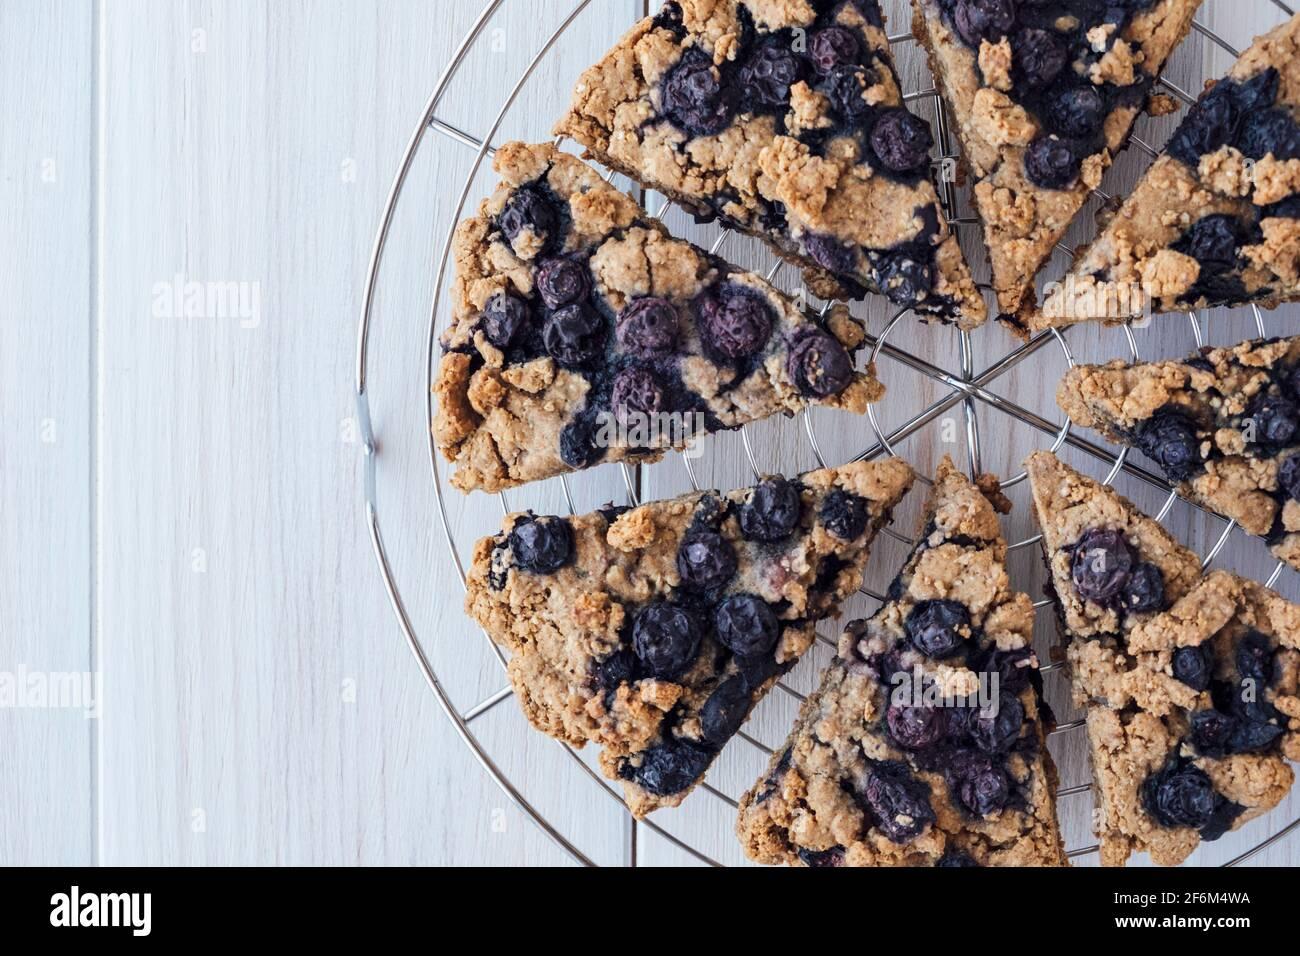 Scones aux myrtilles d'avoine fraîchement cuites sur un support de refroidissement sur fond de bois blanc, vue de dessus, plat. Pâte à base de légumes et de plantes, gros plan. Mets sucrés. Banque D'Images